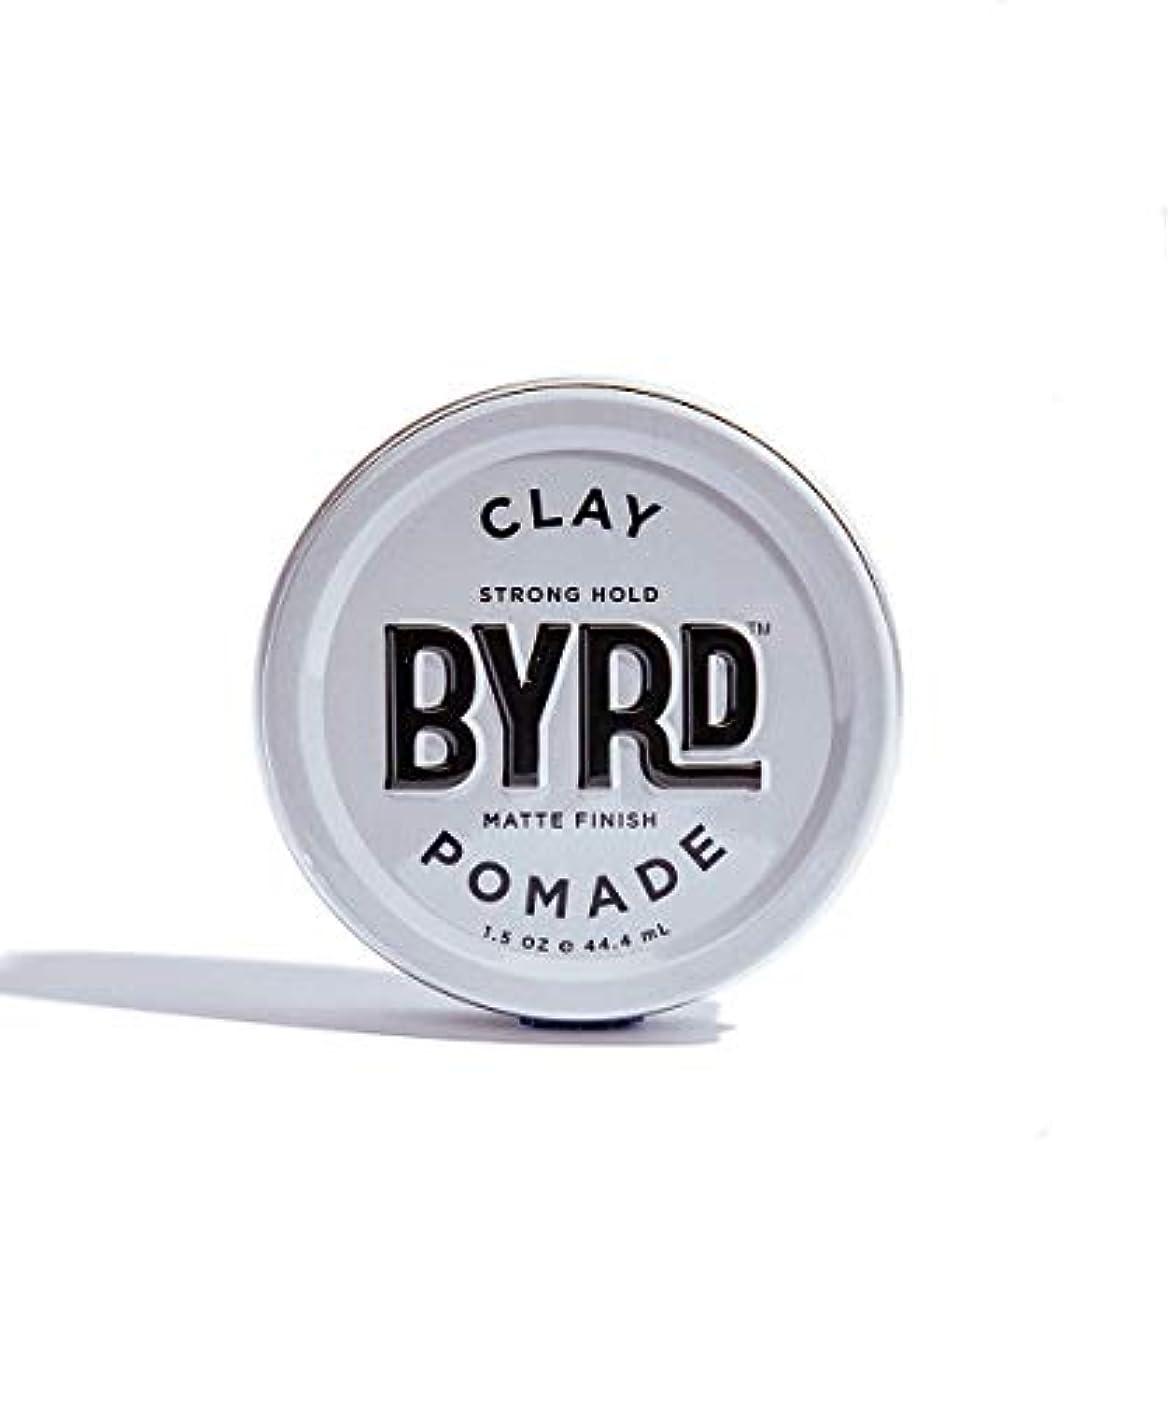 噴火影リーンBYRD/クレイポマード 42g メンズコスメ ワックス ヘアスタイリング かっこいい モテ髪